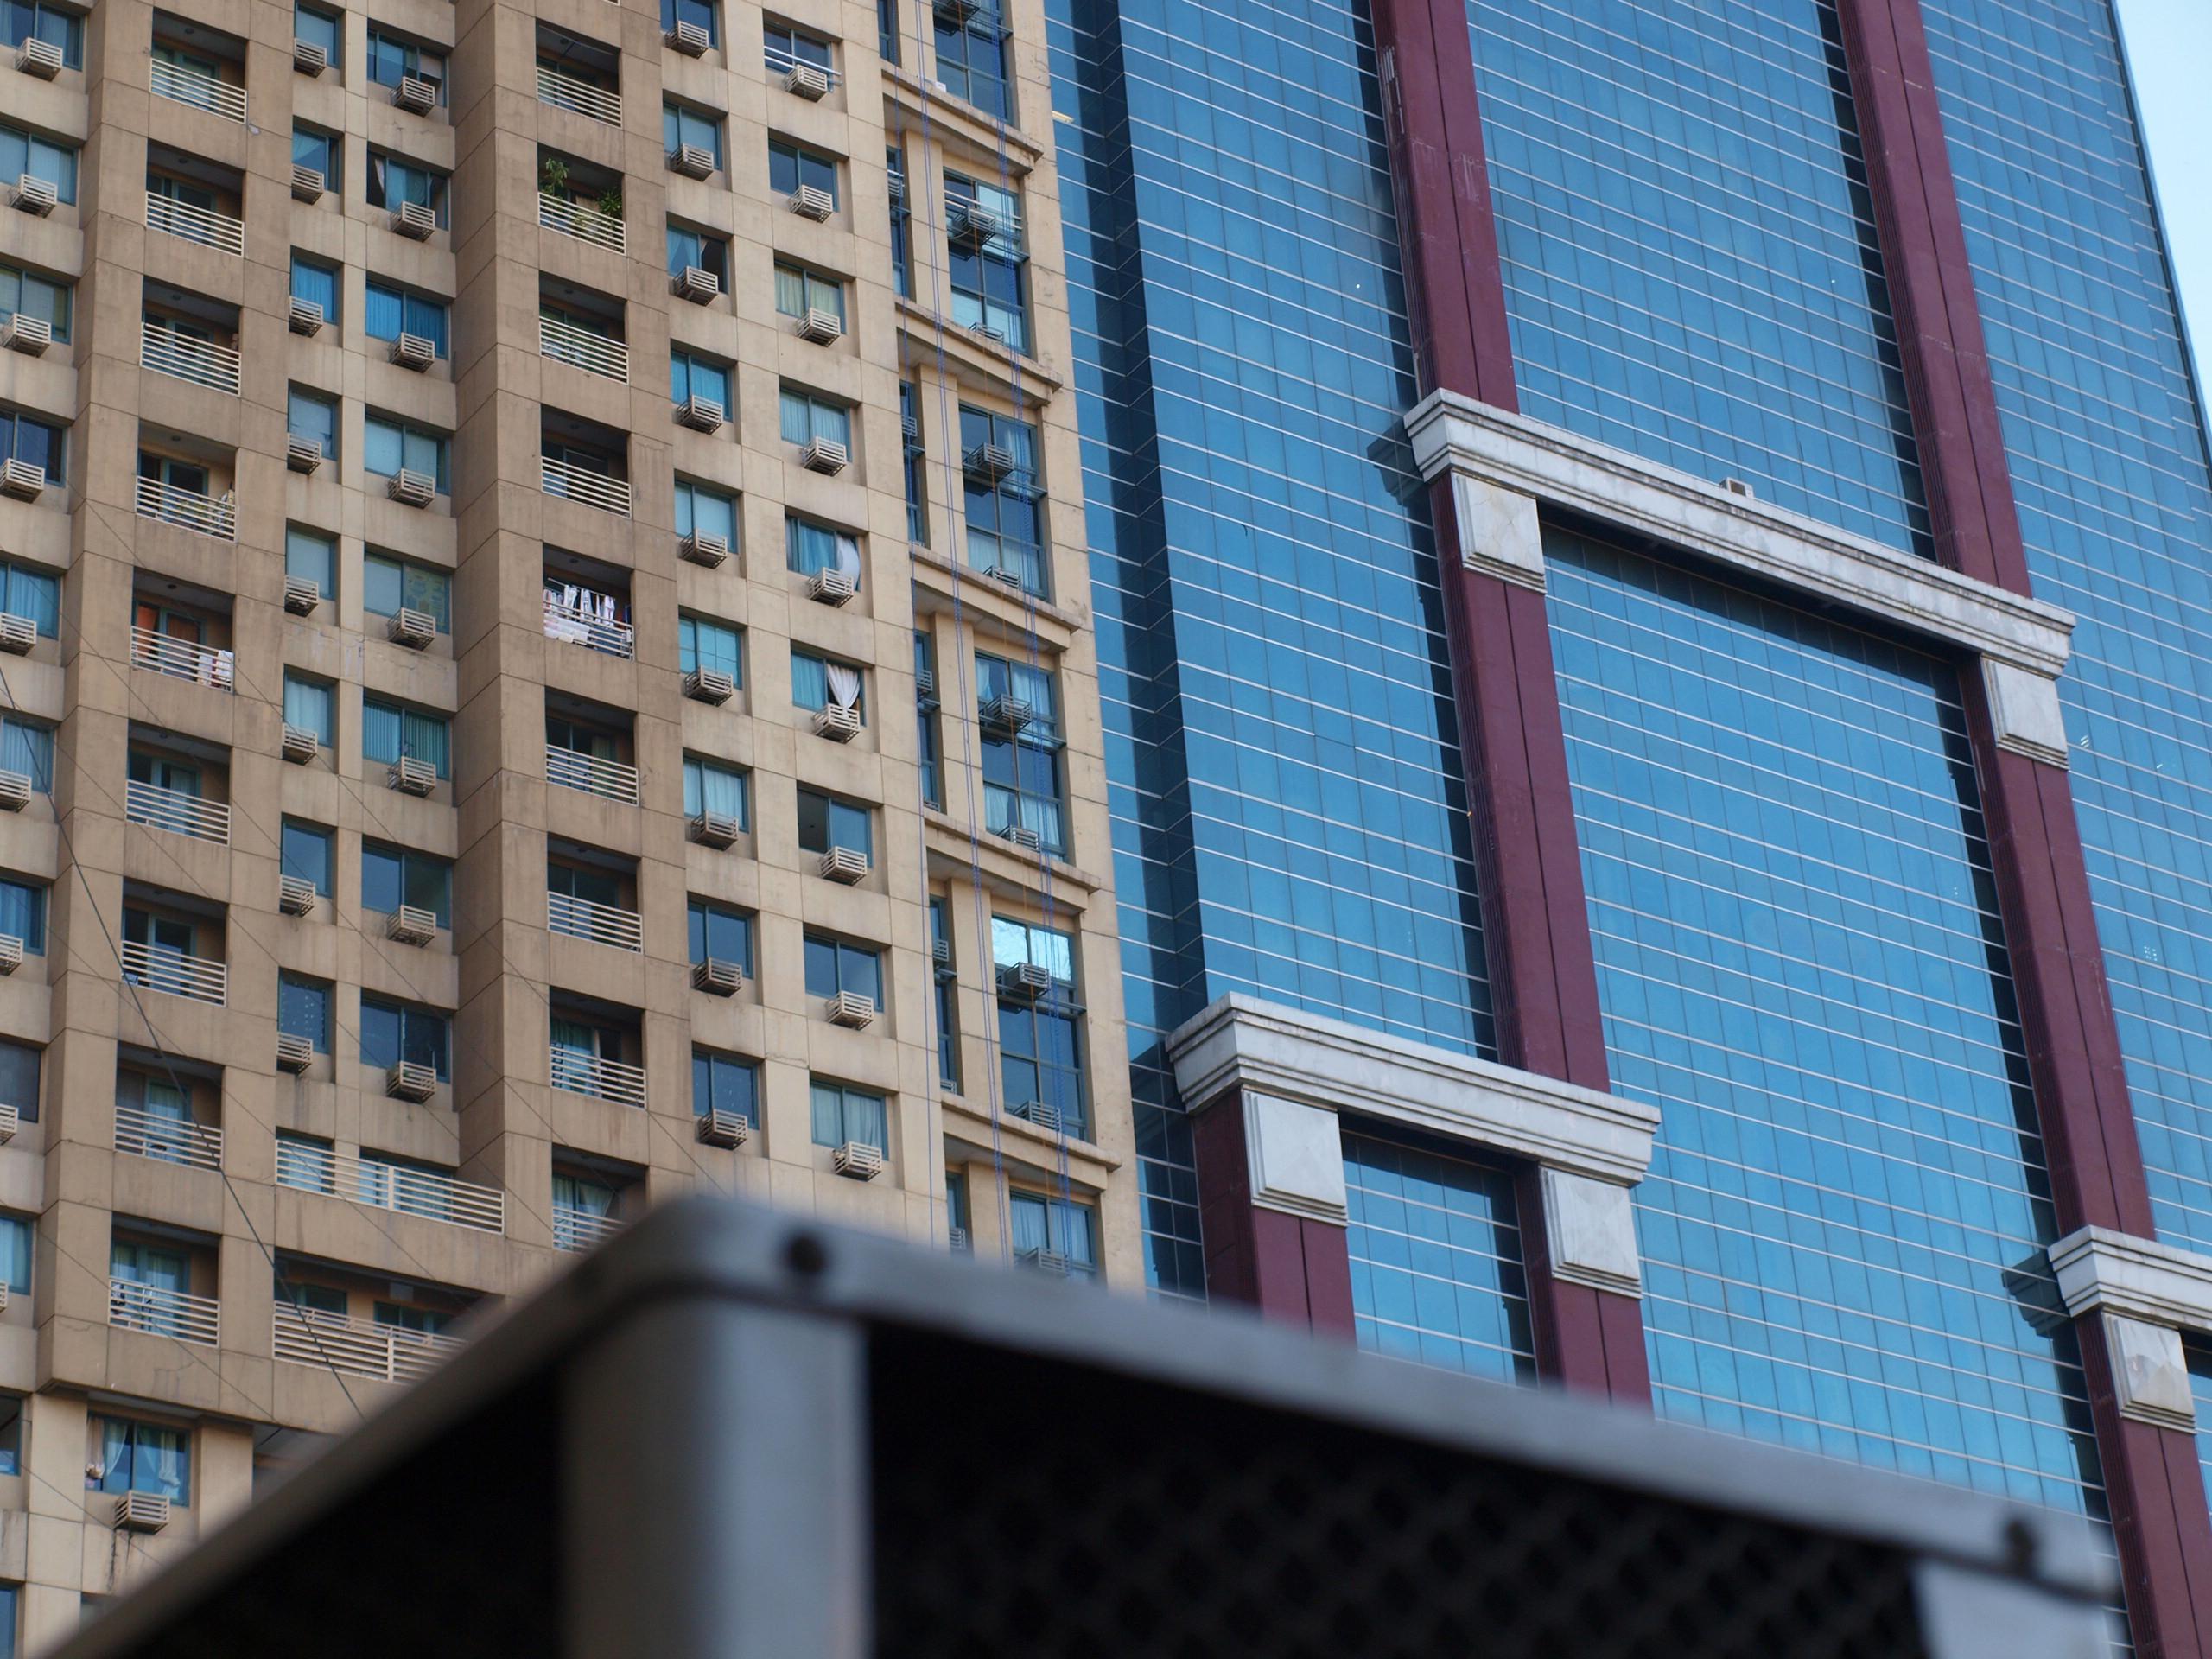 Buildings, City, Concrete, Glass, Stone, HQ Photo